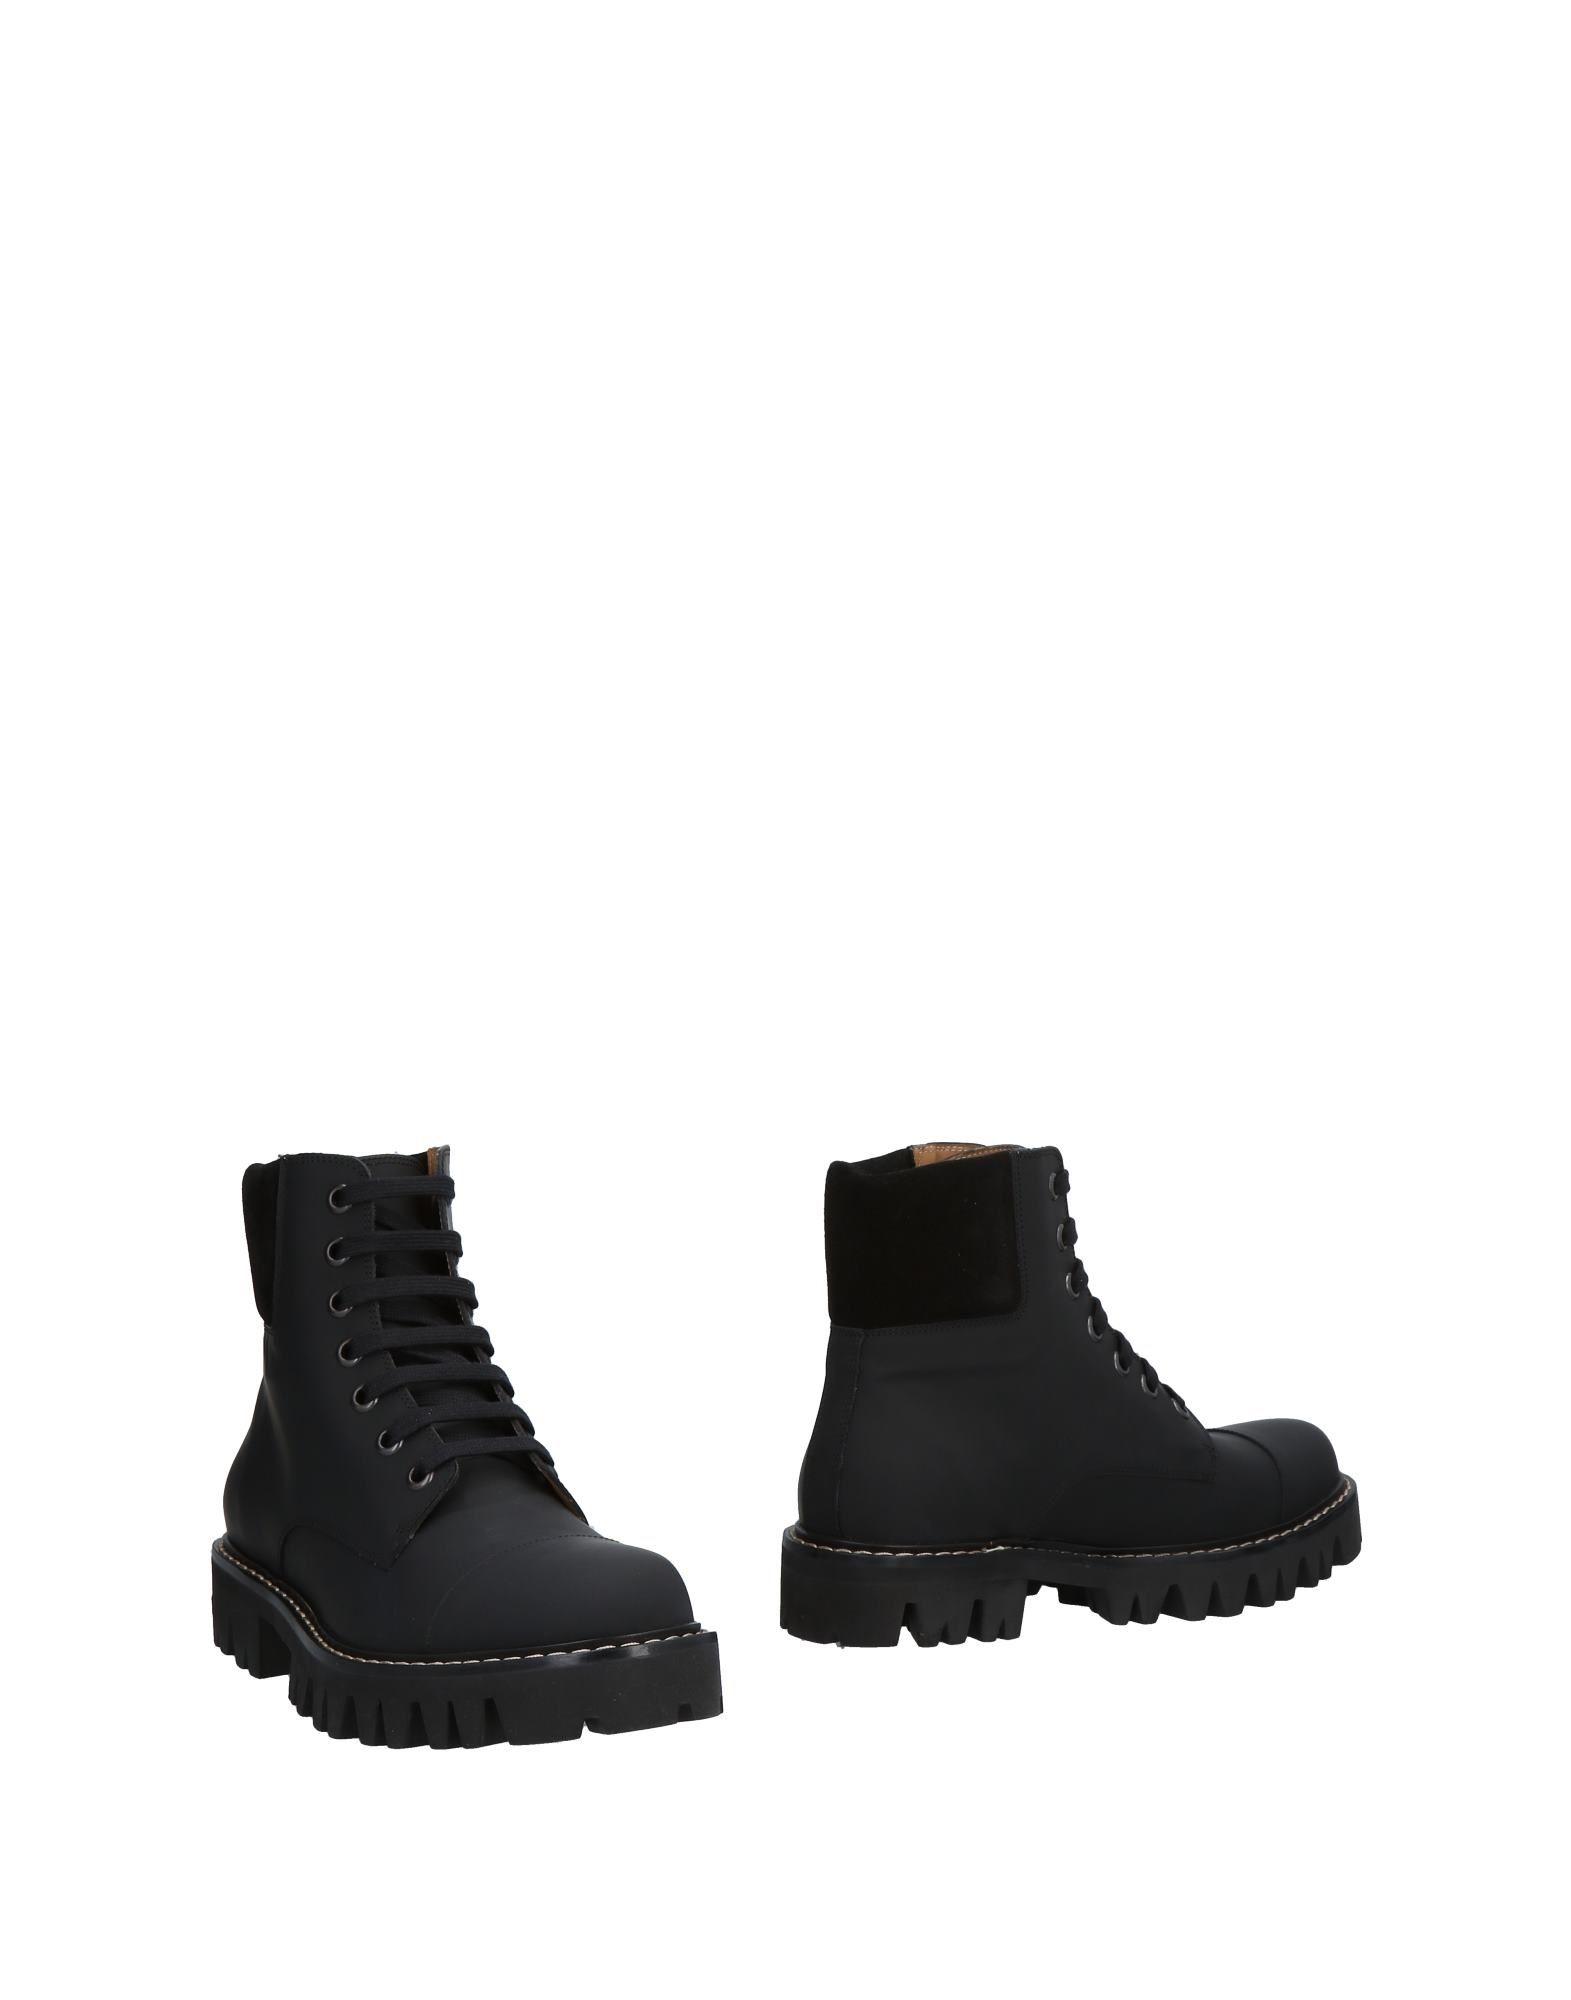 Marc Jacobs Stiefelette Herren  11481018FM Gute Qualität beliebte Schuhe